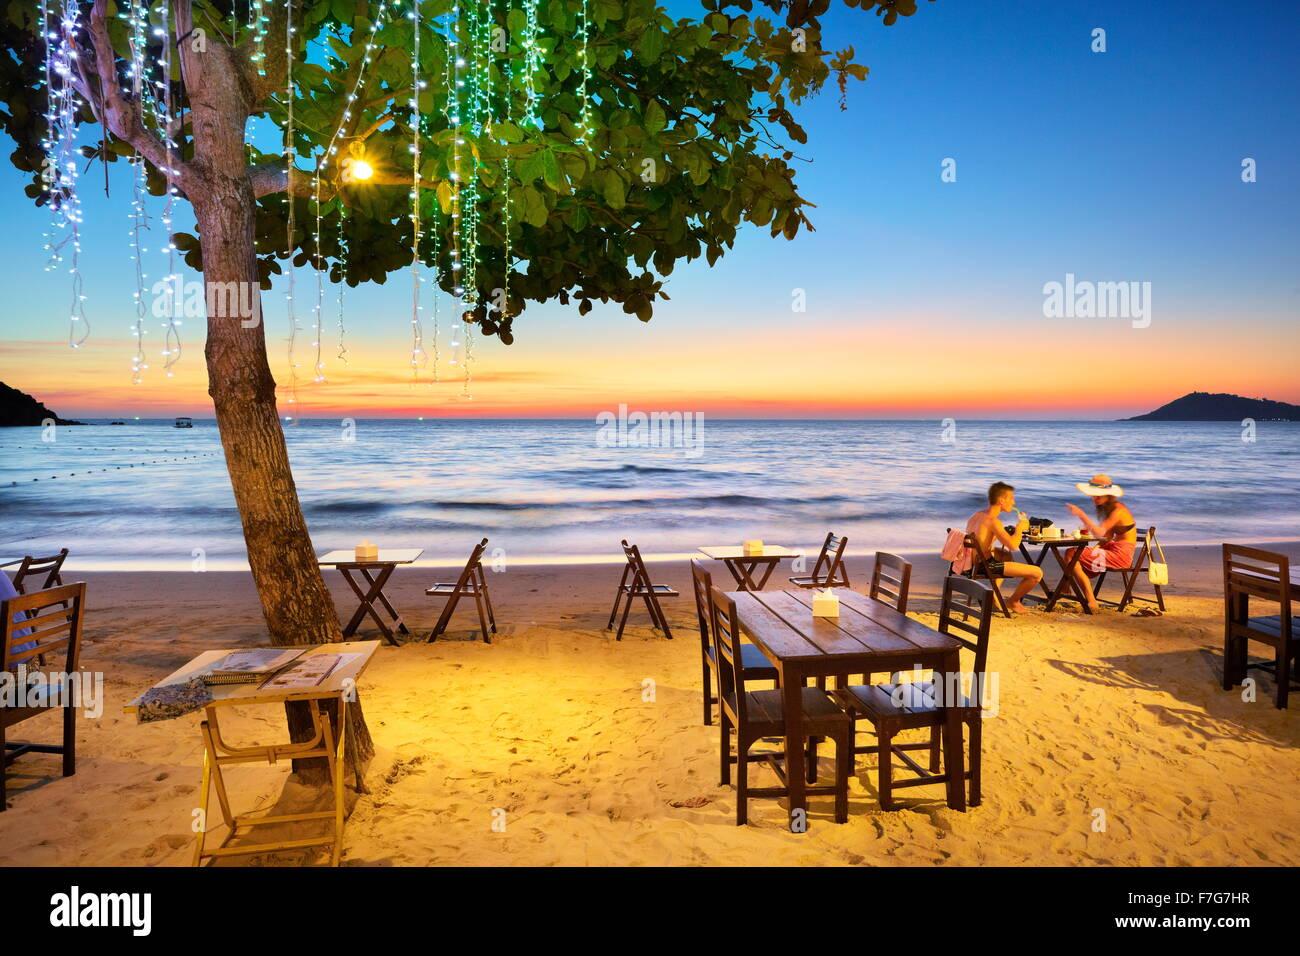 Ristorante tropicale sulla spiaggia a Lima Coco Resort Koh Samet Island, Thailandia Immagini Stock